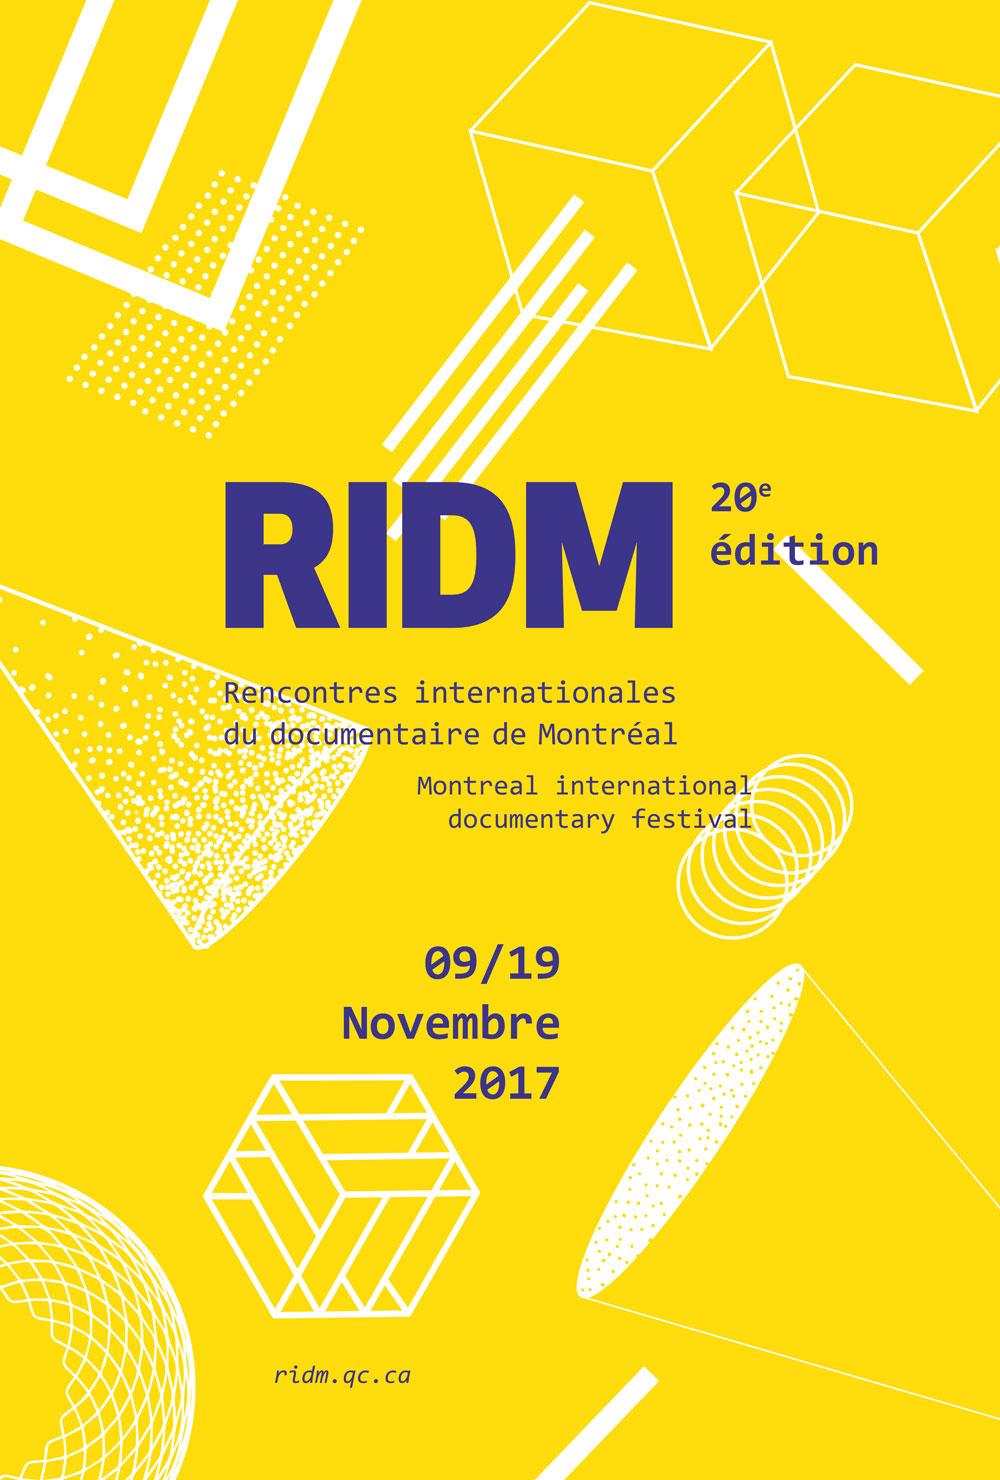 Affiche des RIDM 2017